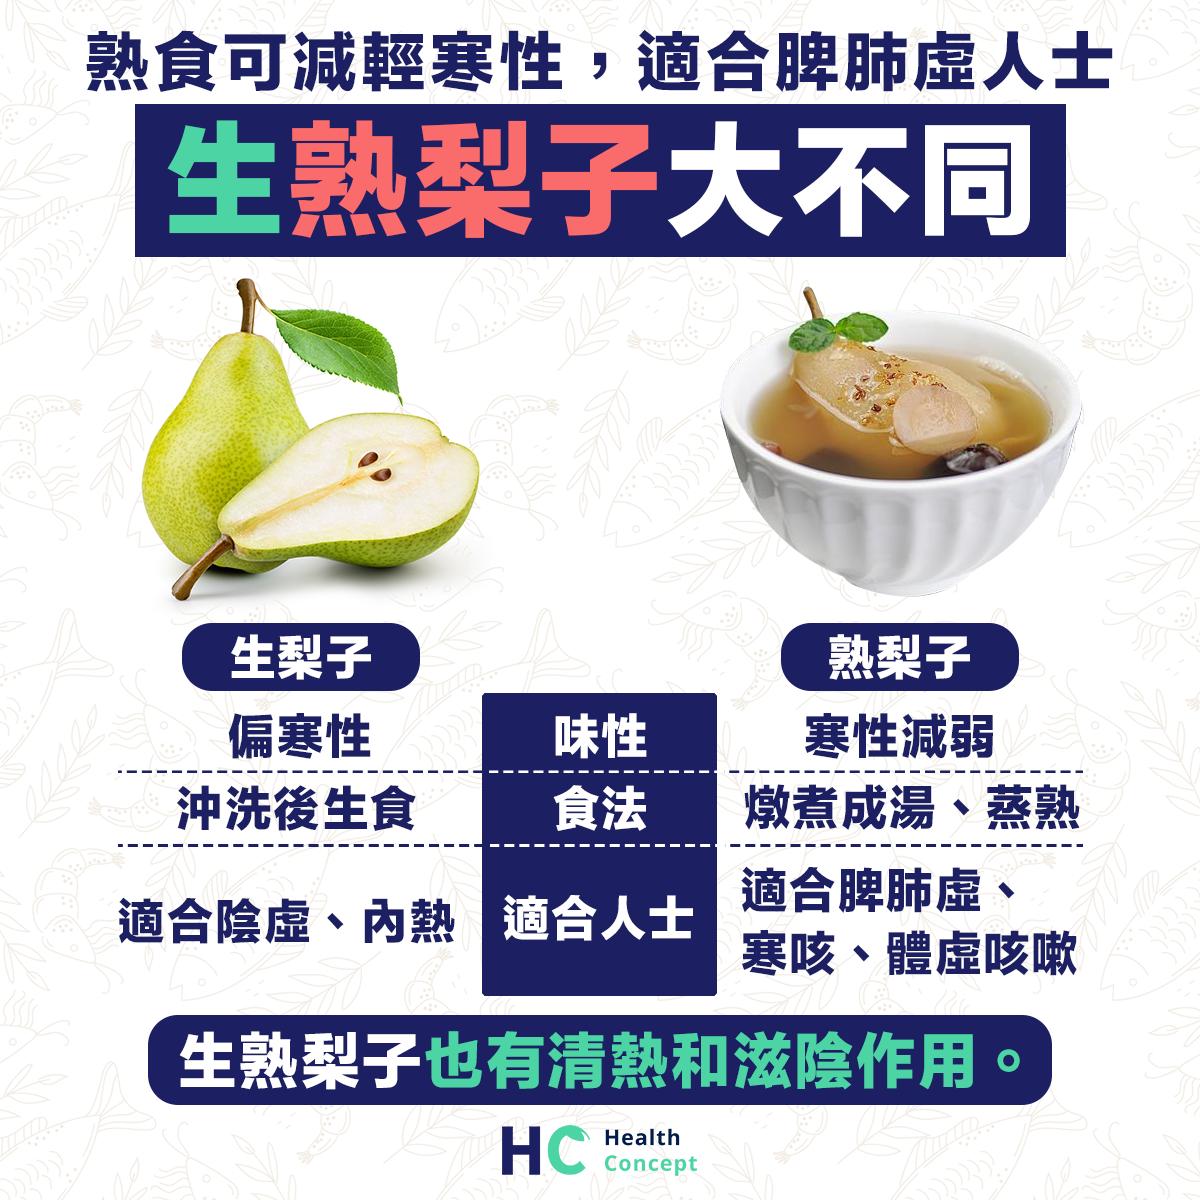 生熟梨子大不同 熟食可減輕寒性 適合脾肺虛人士